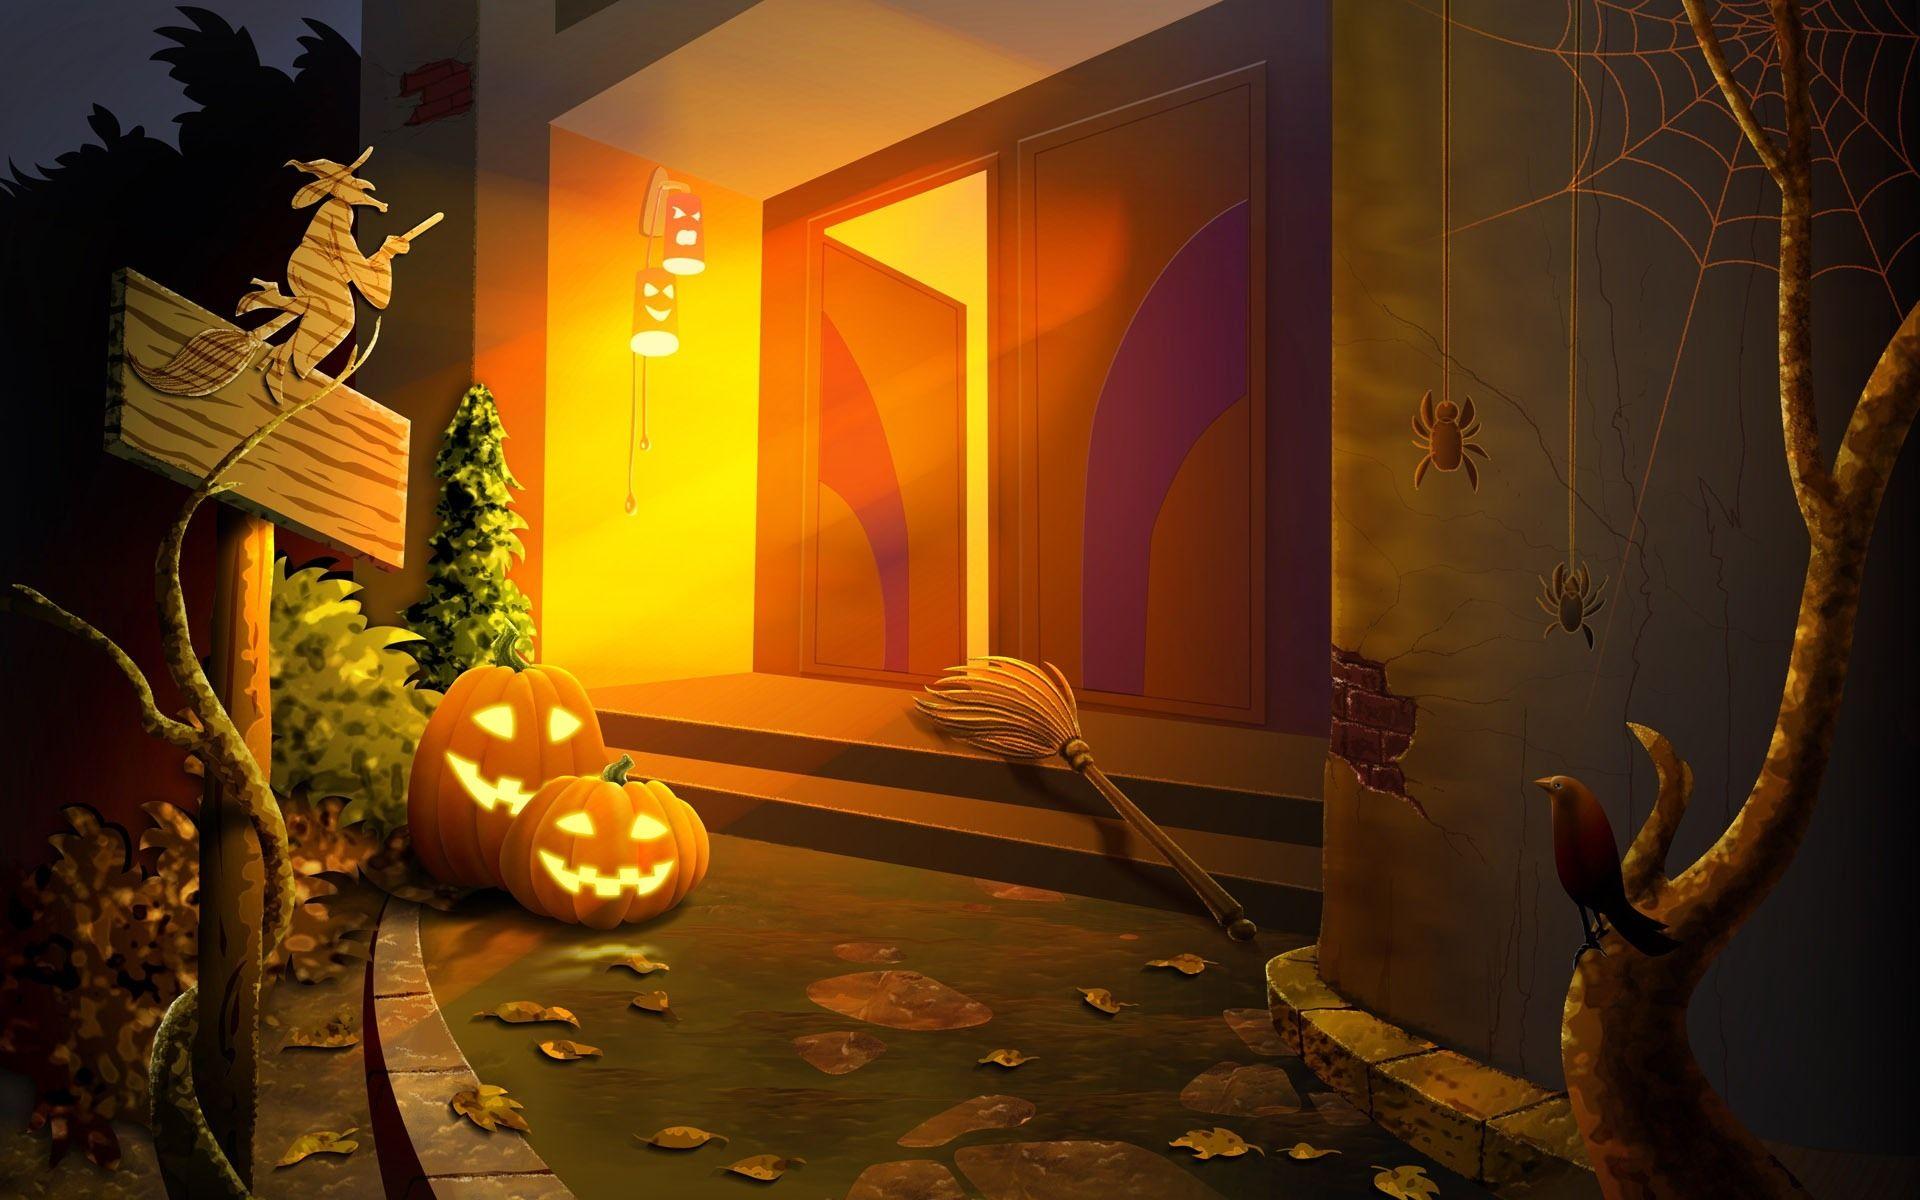 Best Wallpaper Halloween Star Wars - 5c9e5ac719106a21b4dd585fe710a9a2  Trends_312933.jpg